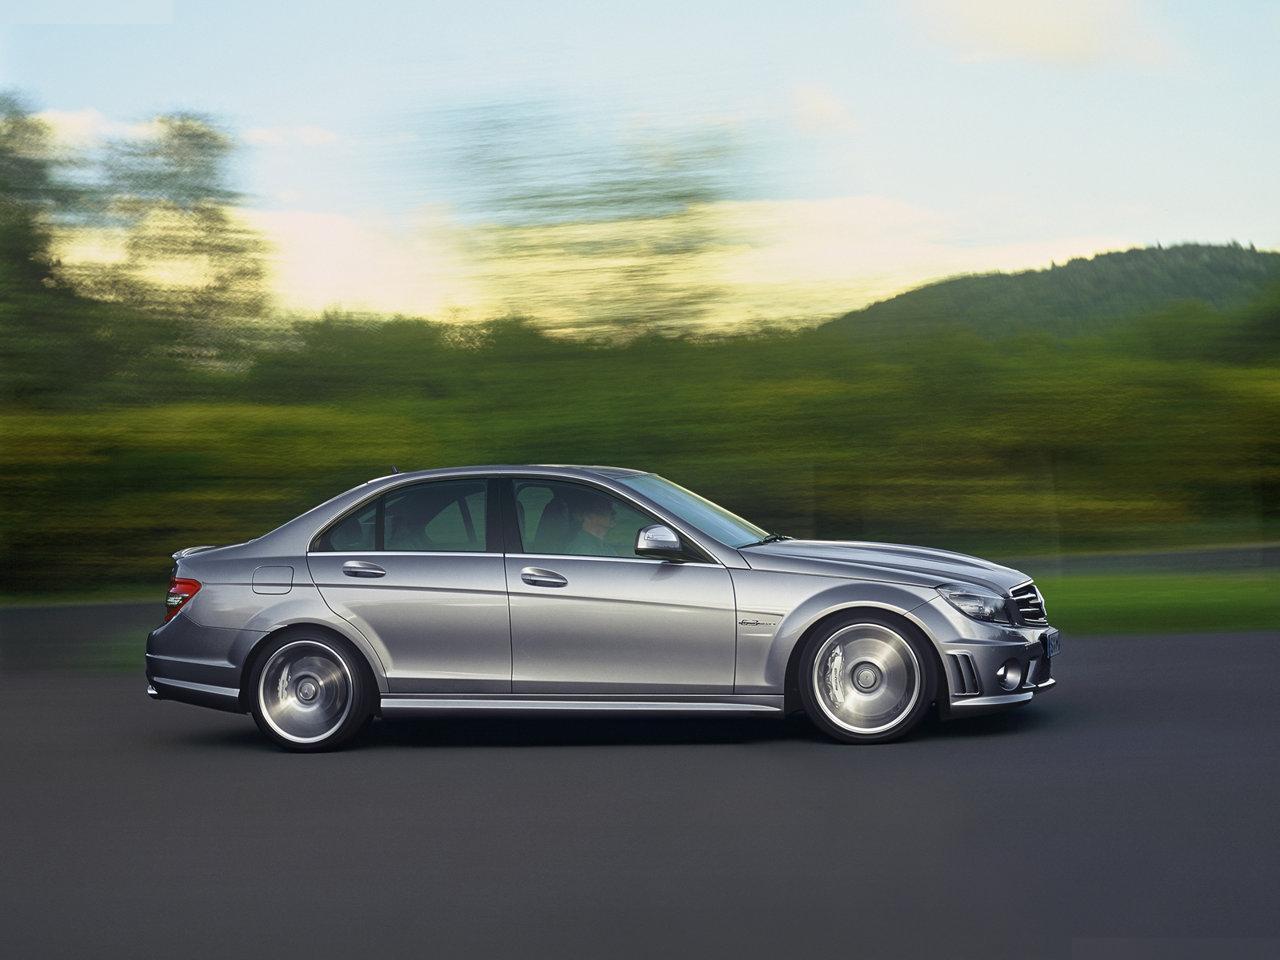 http://1.bp.blogspot.com/_9wfm8qFA_cY/TNw6S2AD9pI/AAAAAAAAMmQ/mPtPL9PZM54/s1600/Mercedes-Benz-C63_AMG_2008_1280x960_wallpaper_0f.jpg